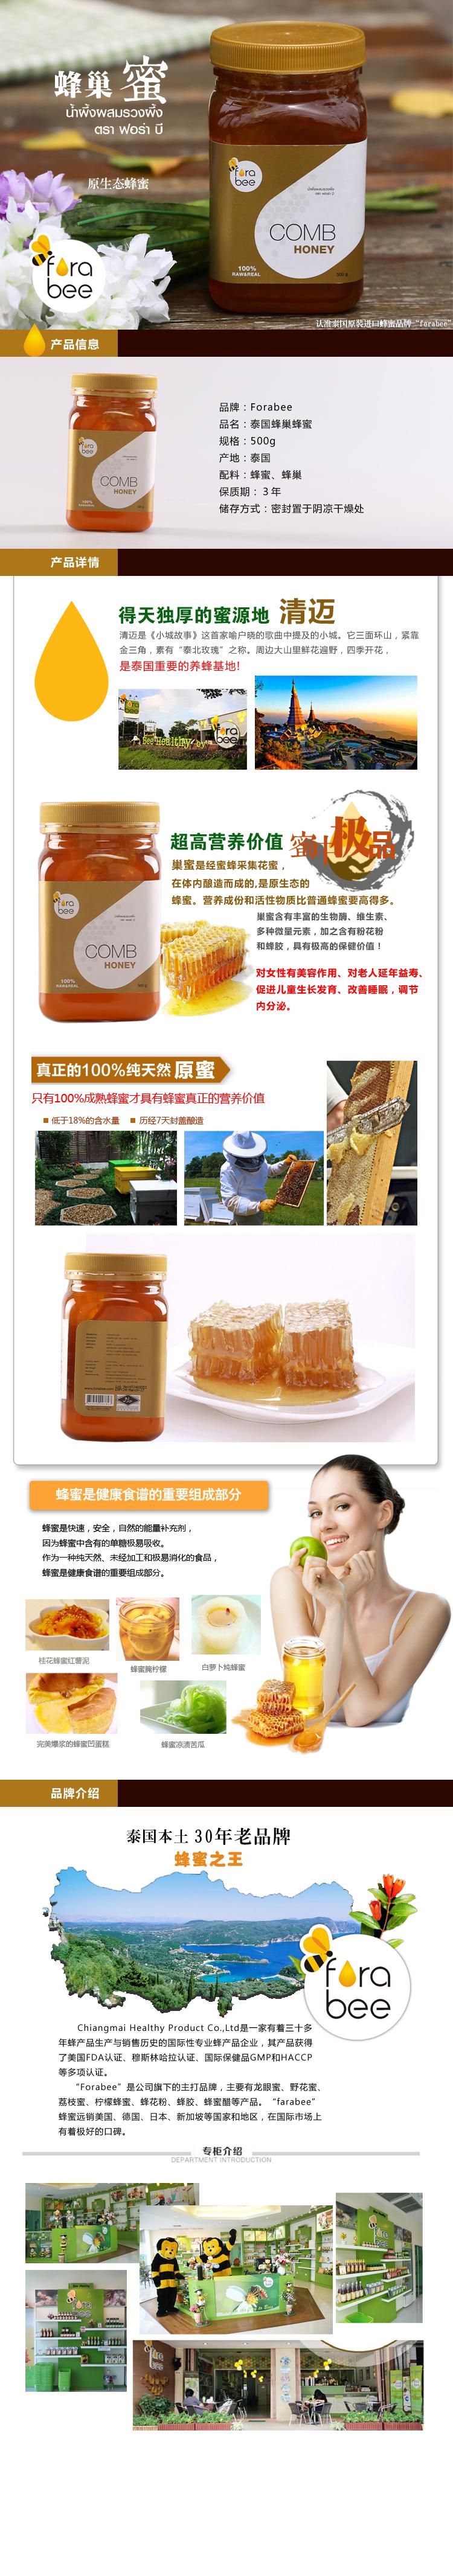 [原生态蜂蜜]forabee 泰国蜂巢蜂蜜500g